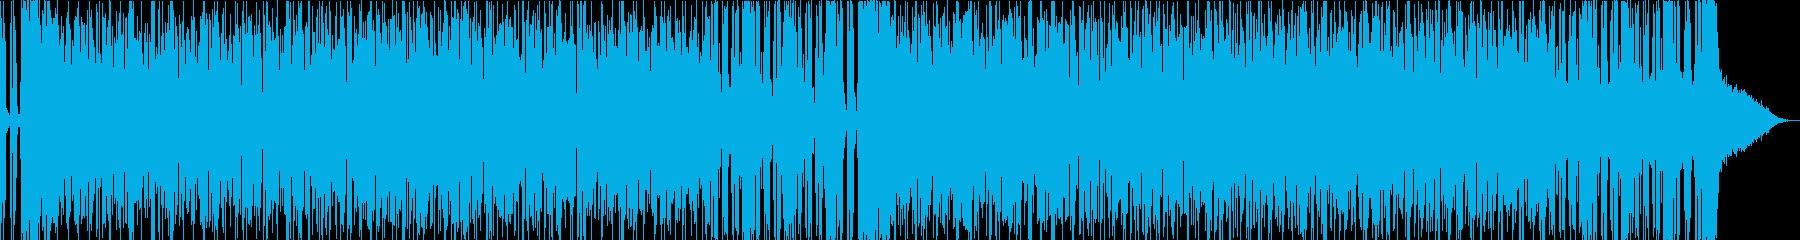 スピード&ブリブリファンク オープニングの再生済みの波形